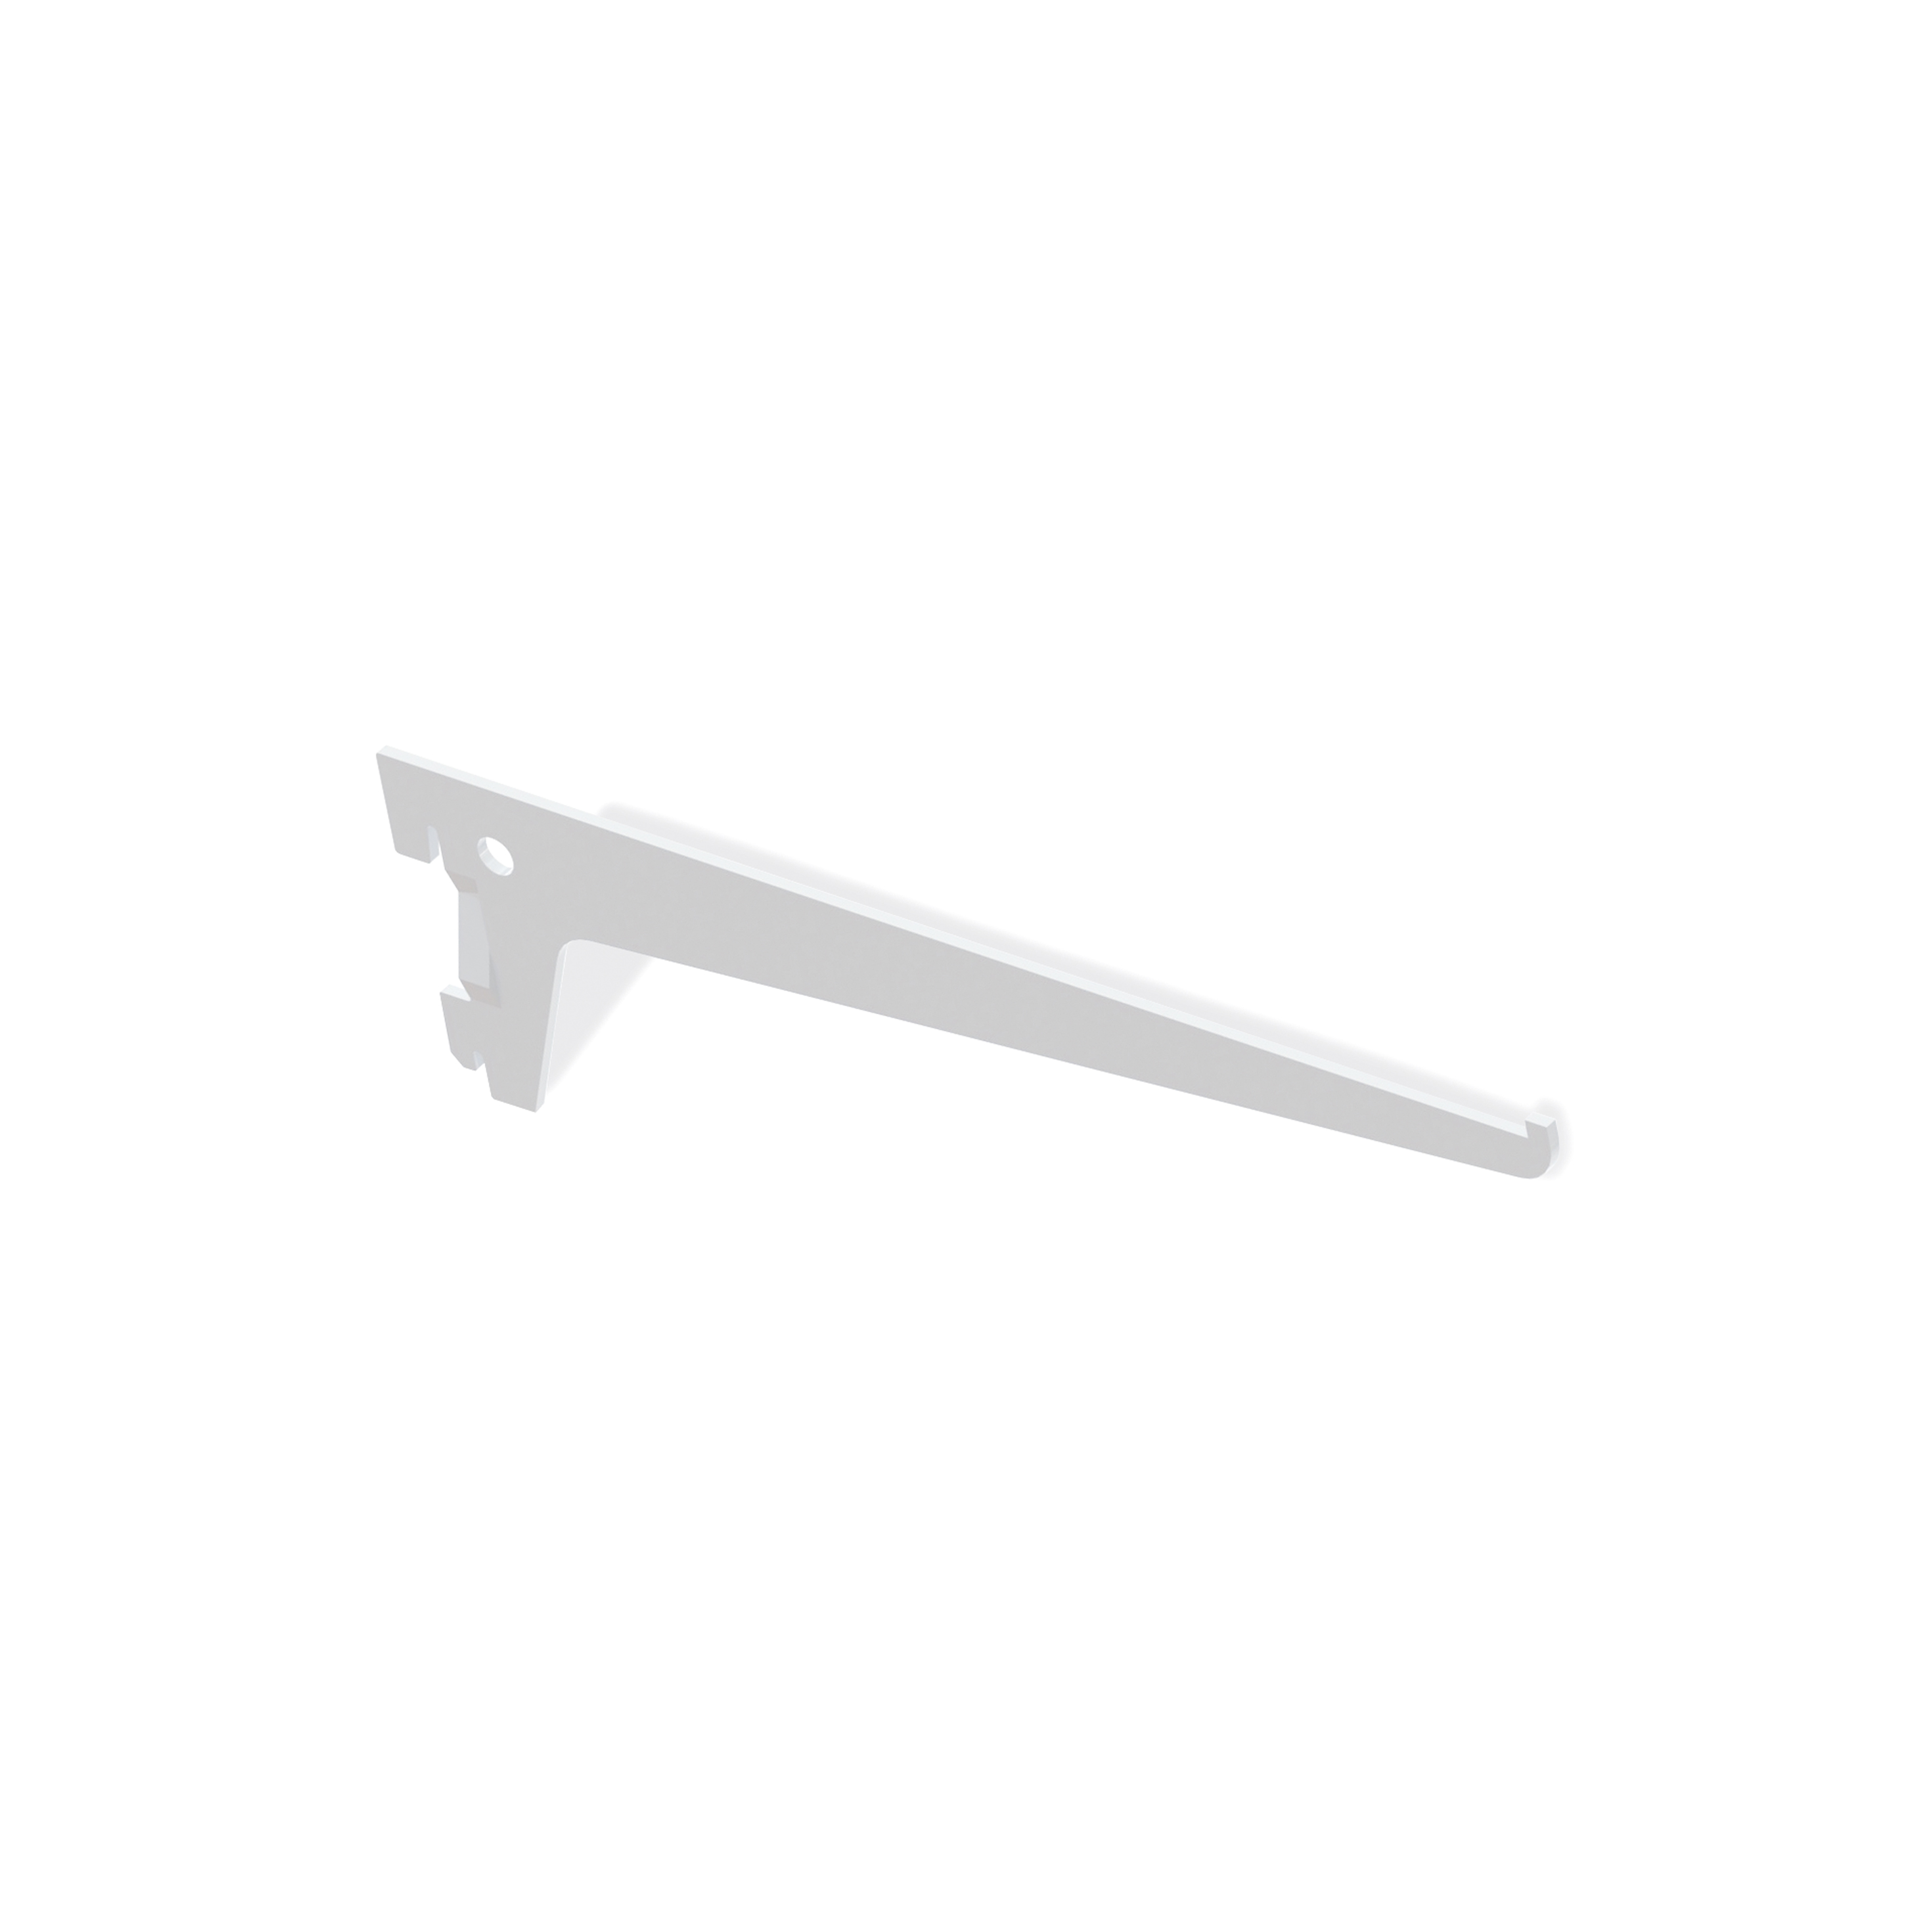 Emuca Supporto per ripiano di legno/vetro, profilo a passo 50 mm, 250 mm, Acciaio, Bianco